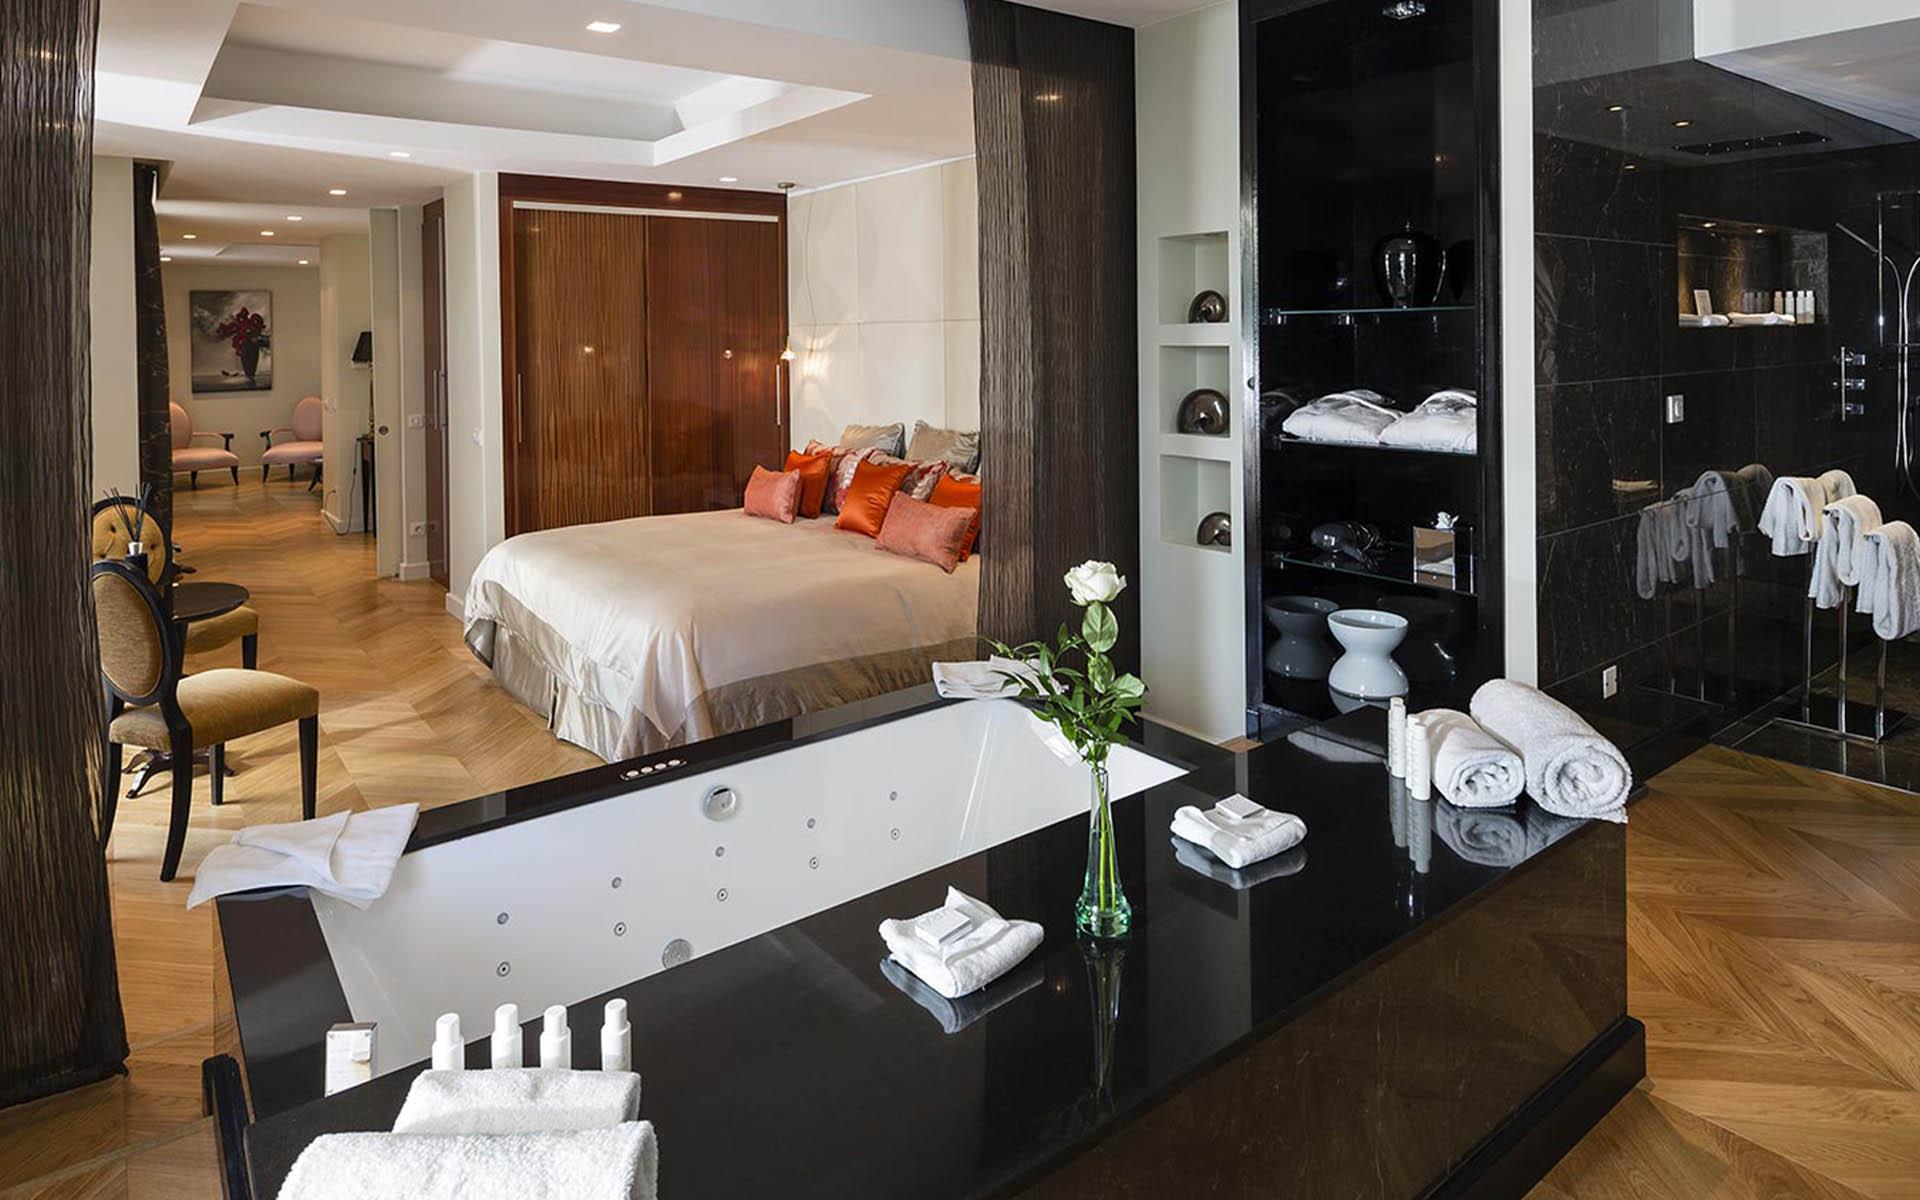 Architecte intérieur Hotel - Aix en provence 4